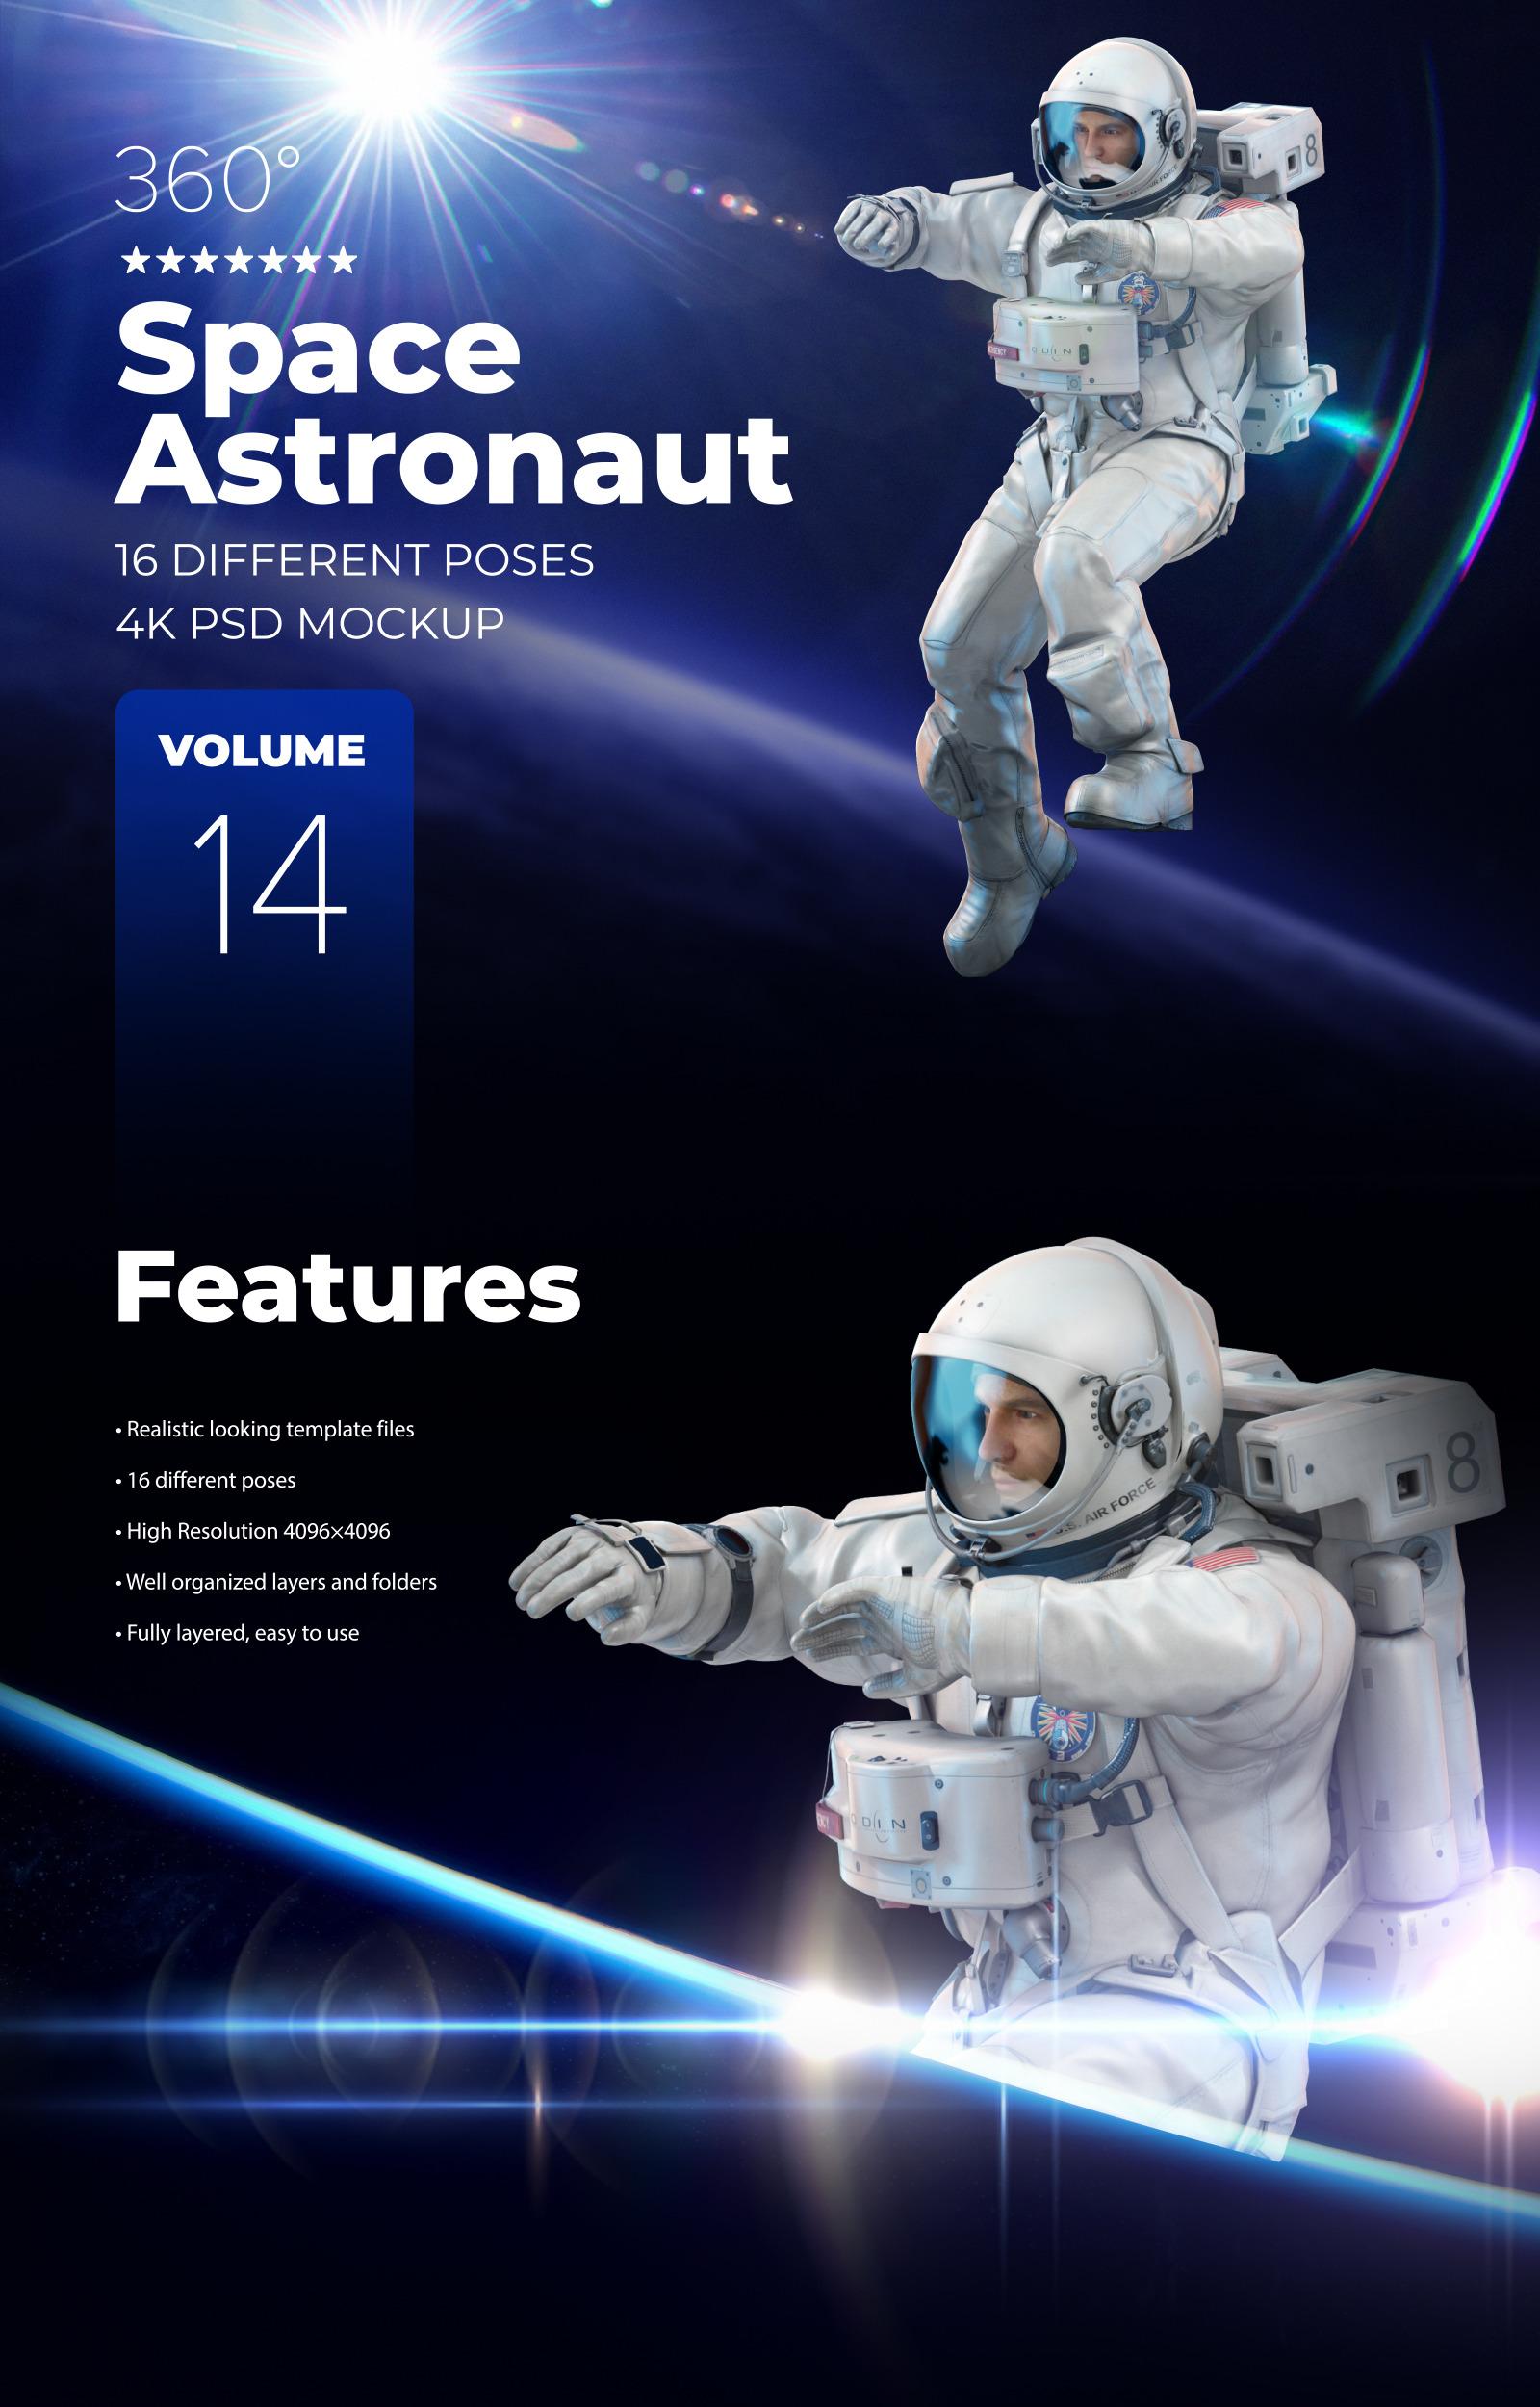 16款多角度太空宇航员3D模型平面设计PS素材源文件 3D Mockup Space Astronaut #14插图